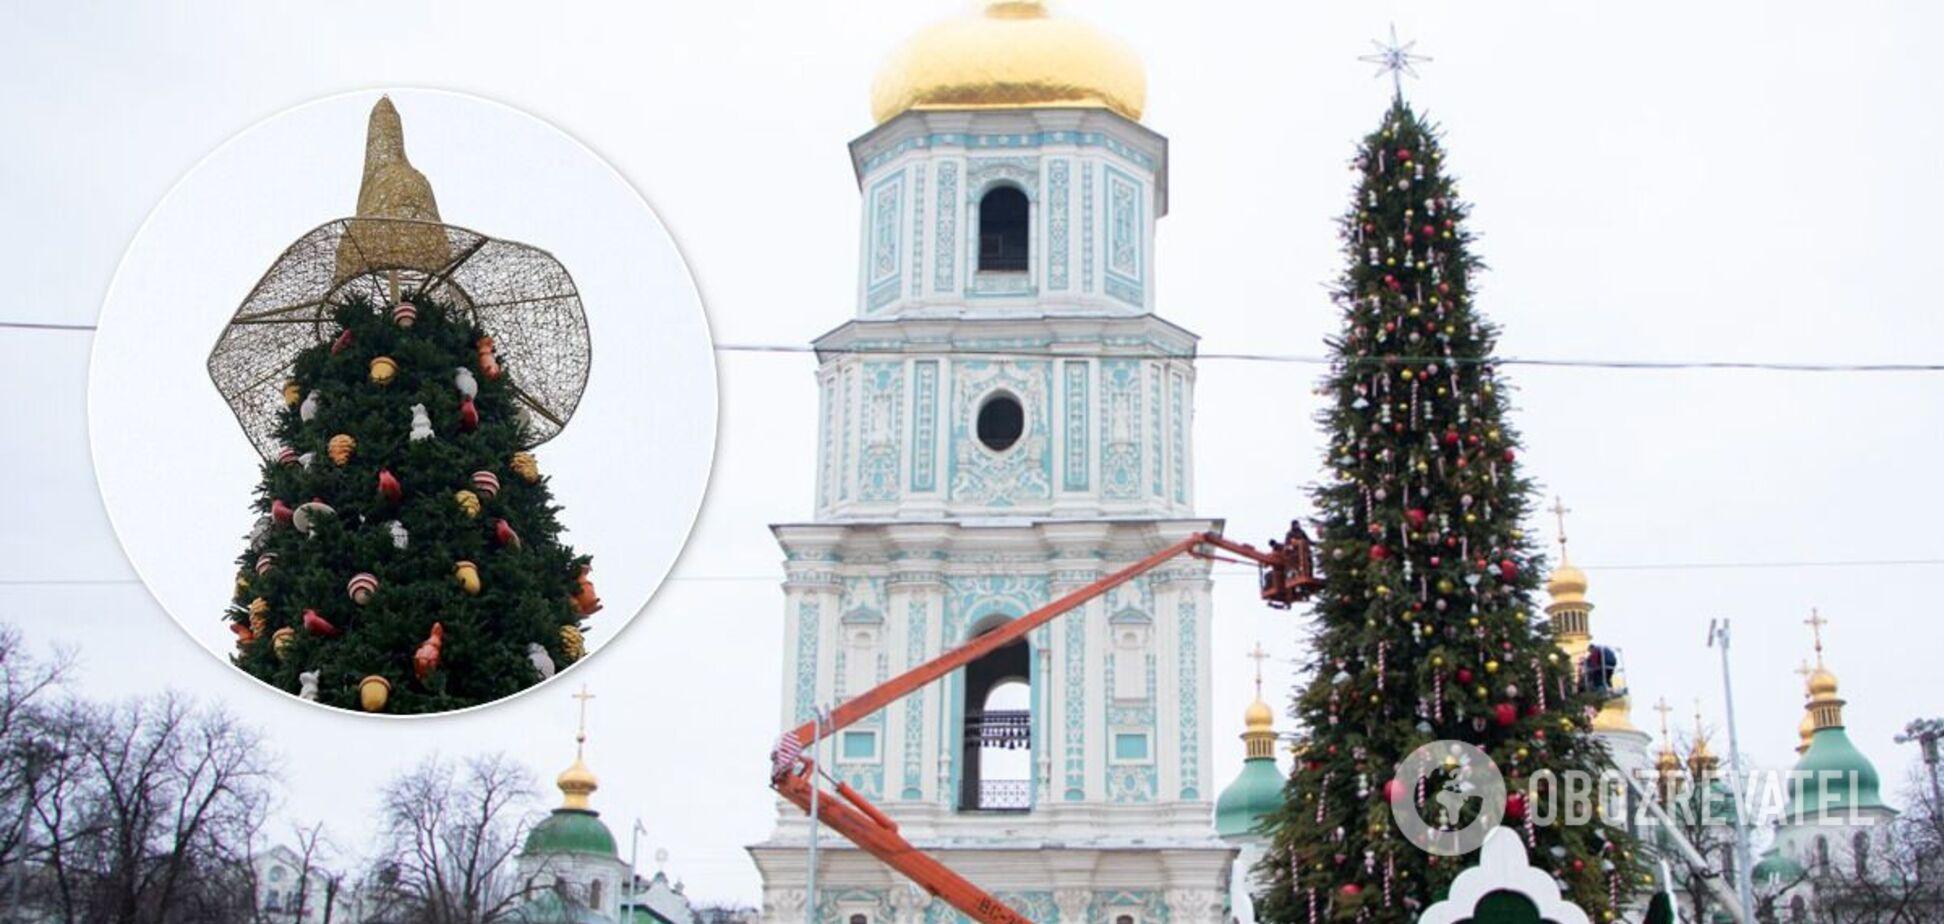 В Киеве на главной елке вместо шляпы установили звезду. Видео